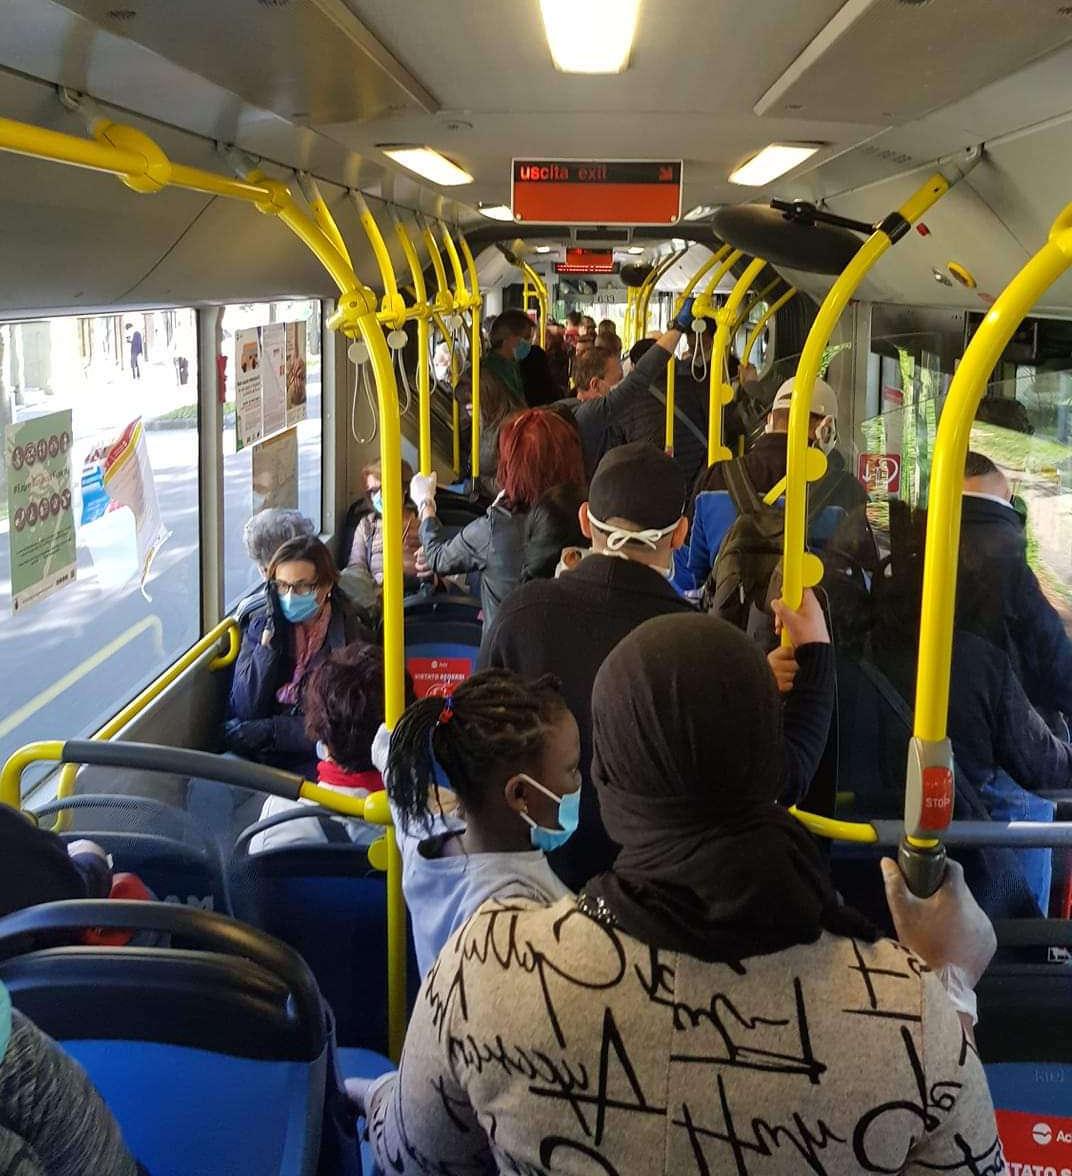 fase 2 trasporto pubblico venezia piazzale roma